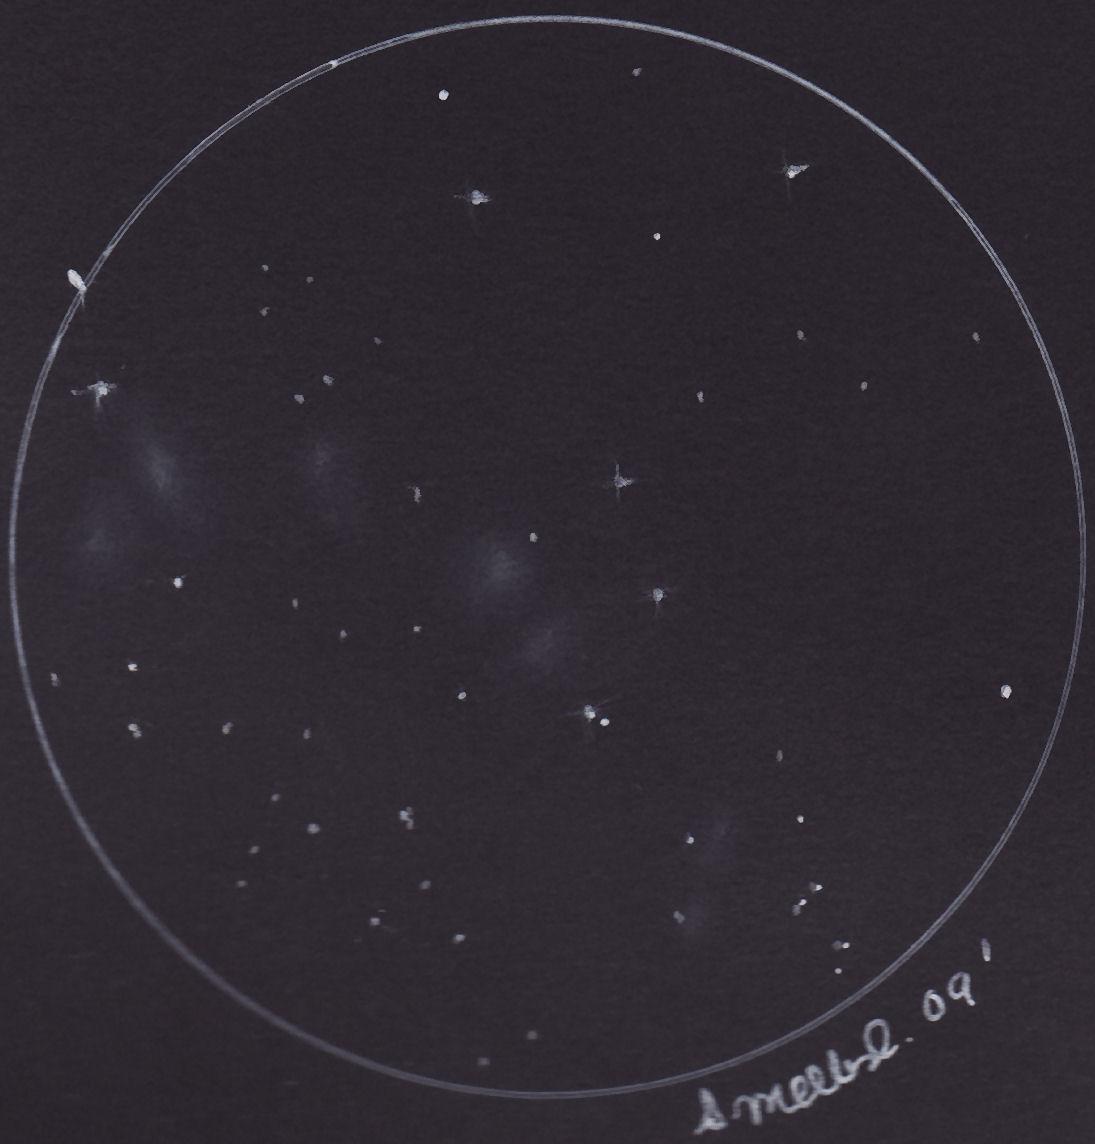 Necklace of Nebulae